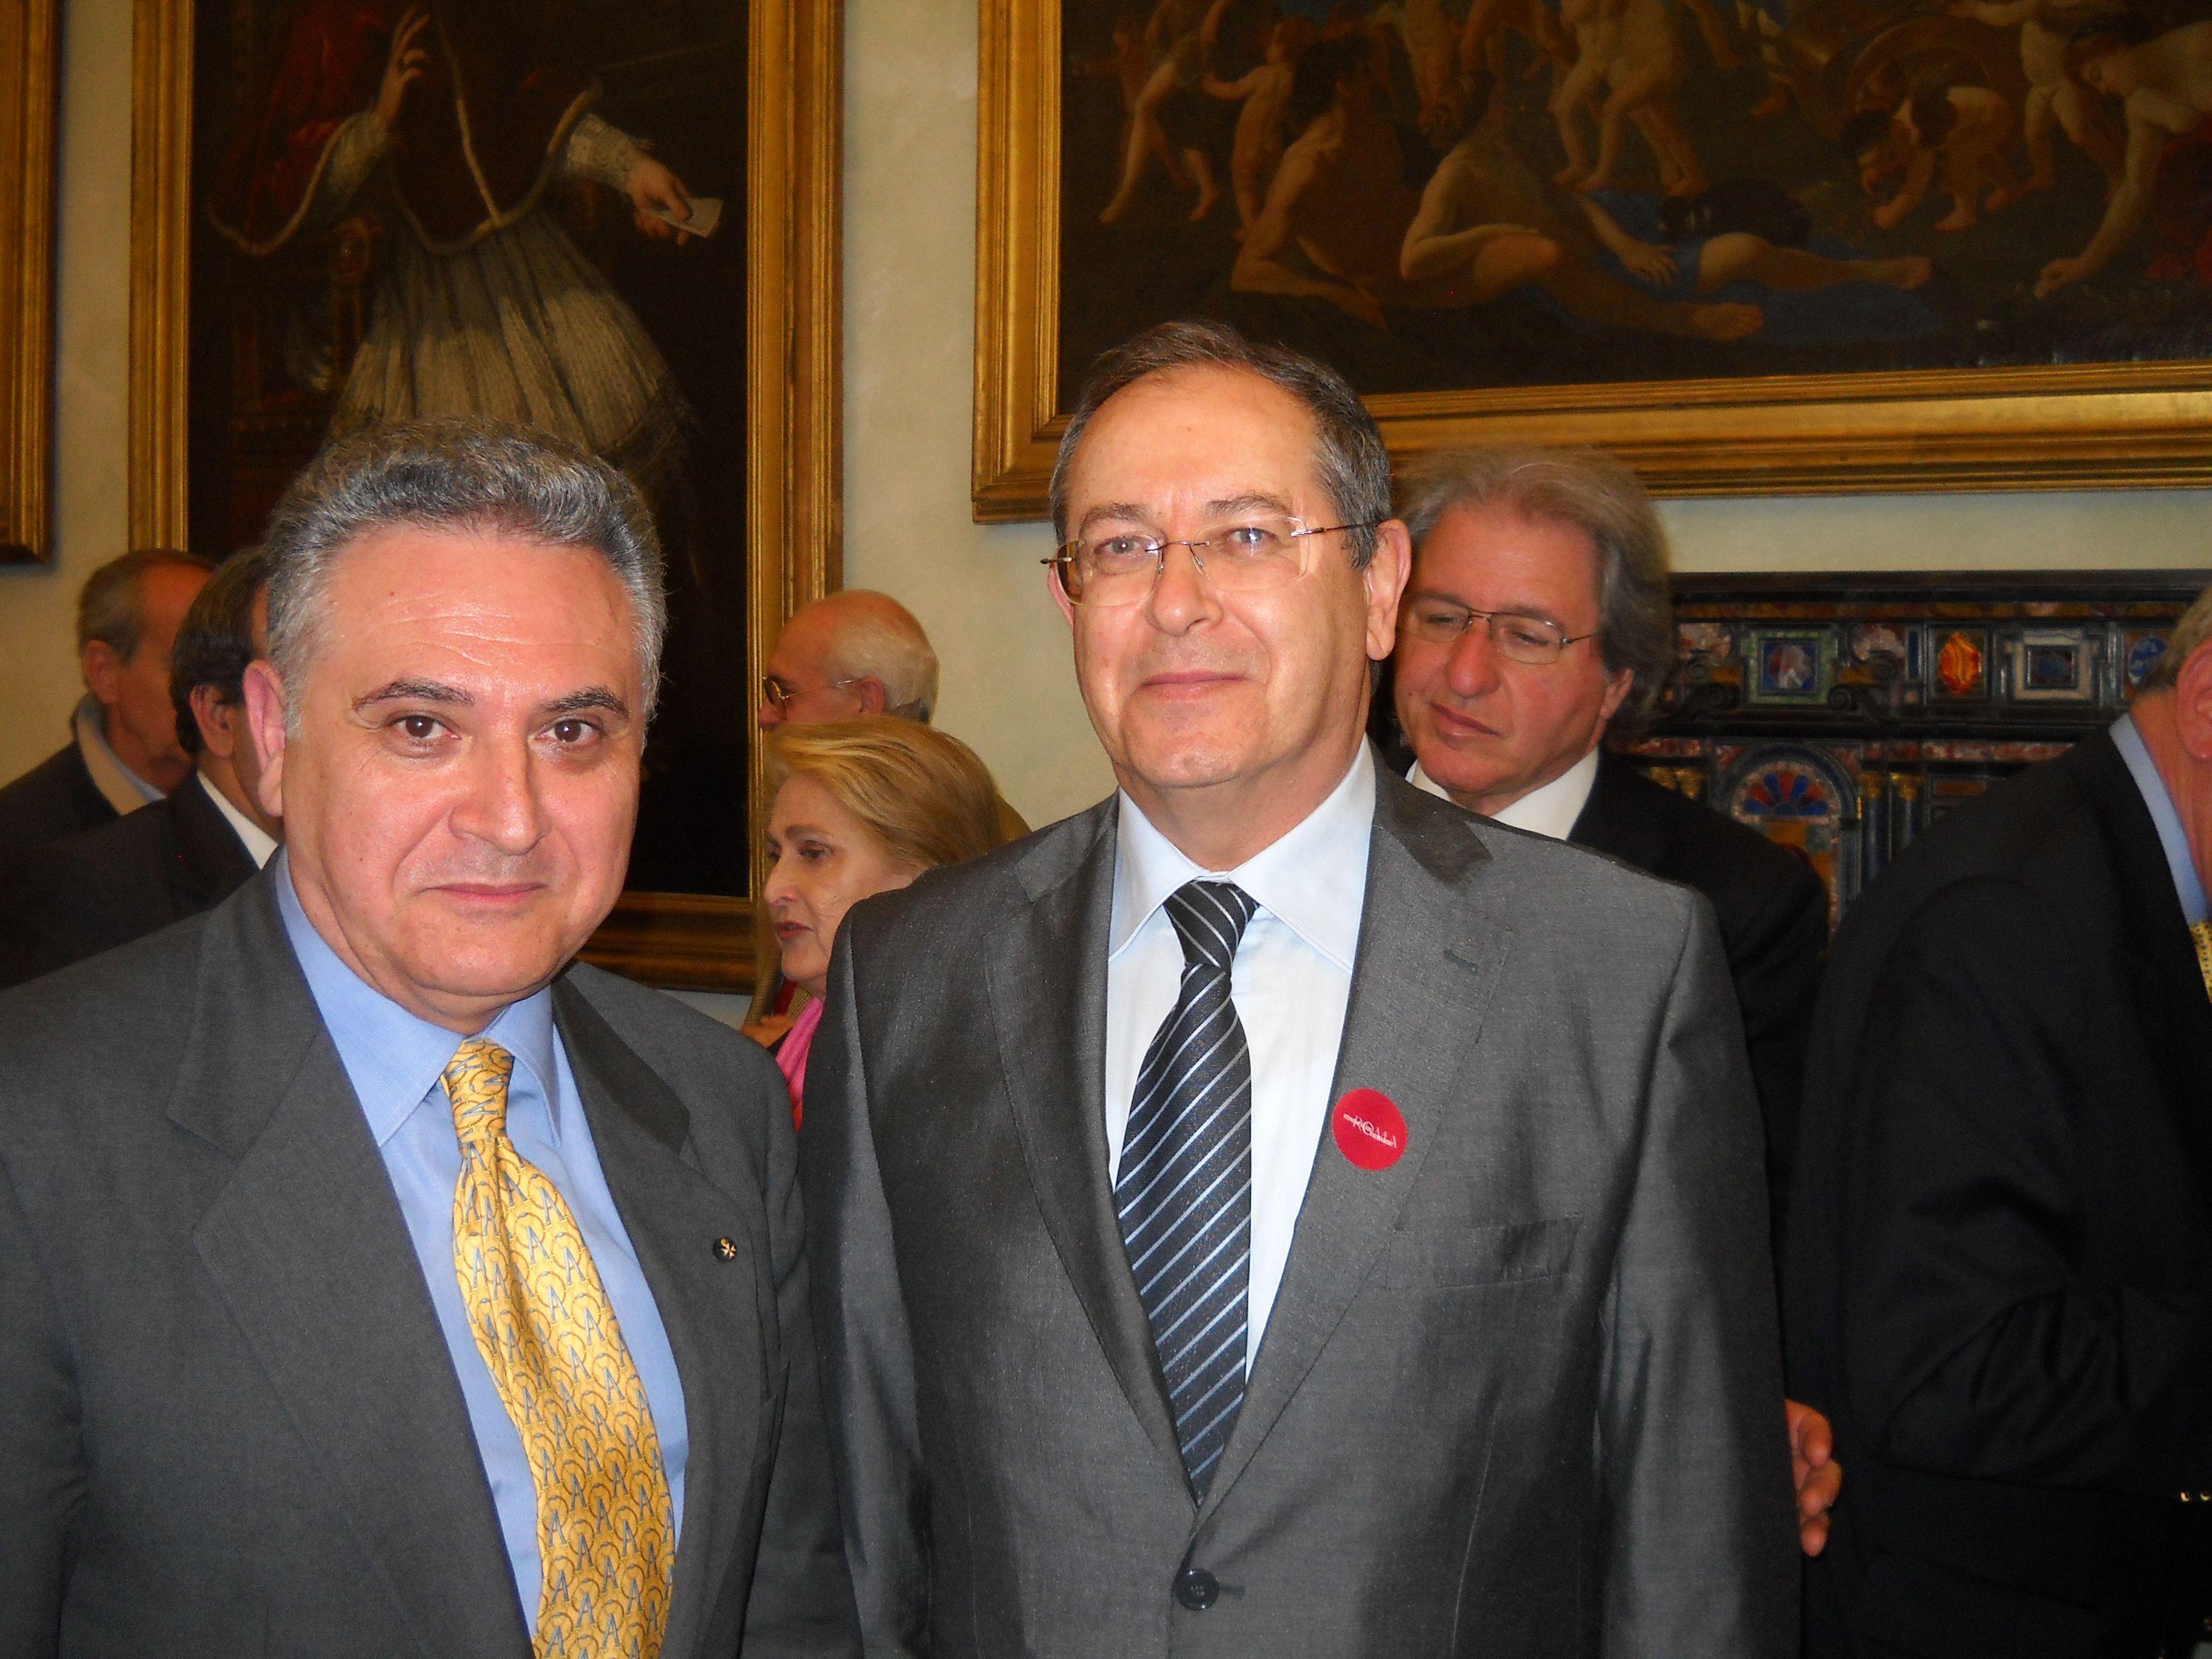 Il Prof Cav Raimondo VILLANO e il Sottosegretario al Ministero della Salute Paolo FADDA Roma Ministero della Salute 19 luglio 2013